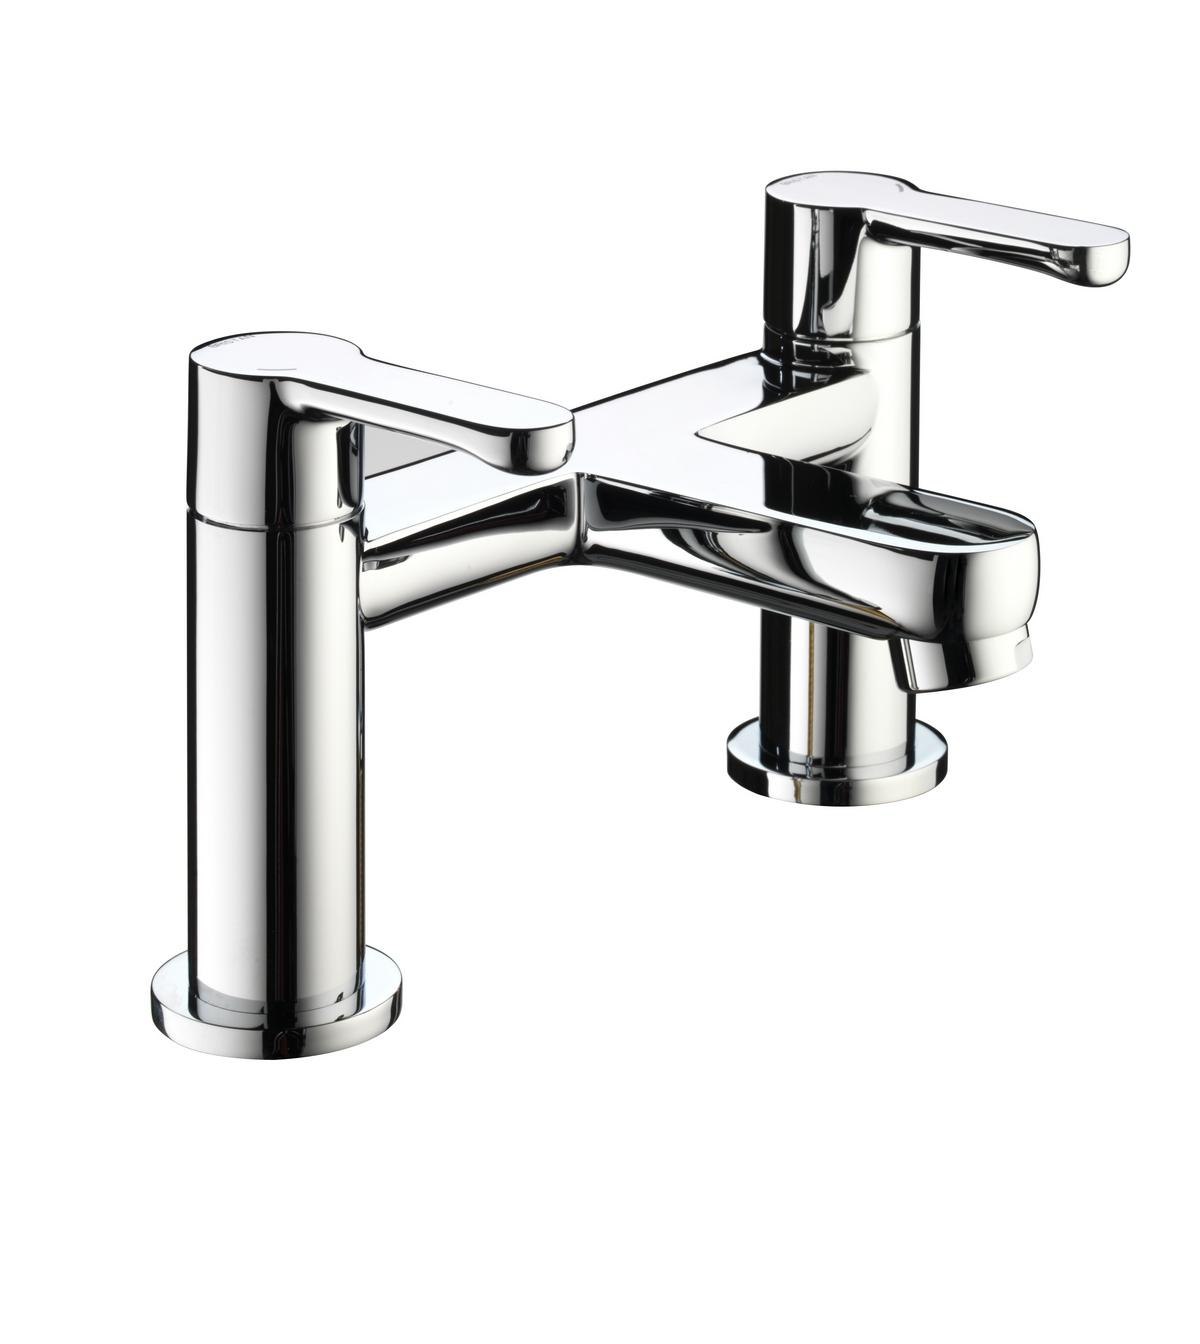 Bristan | Nero | NRBFC| Bath Mixer/Fillers